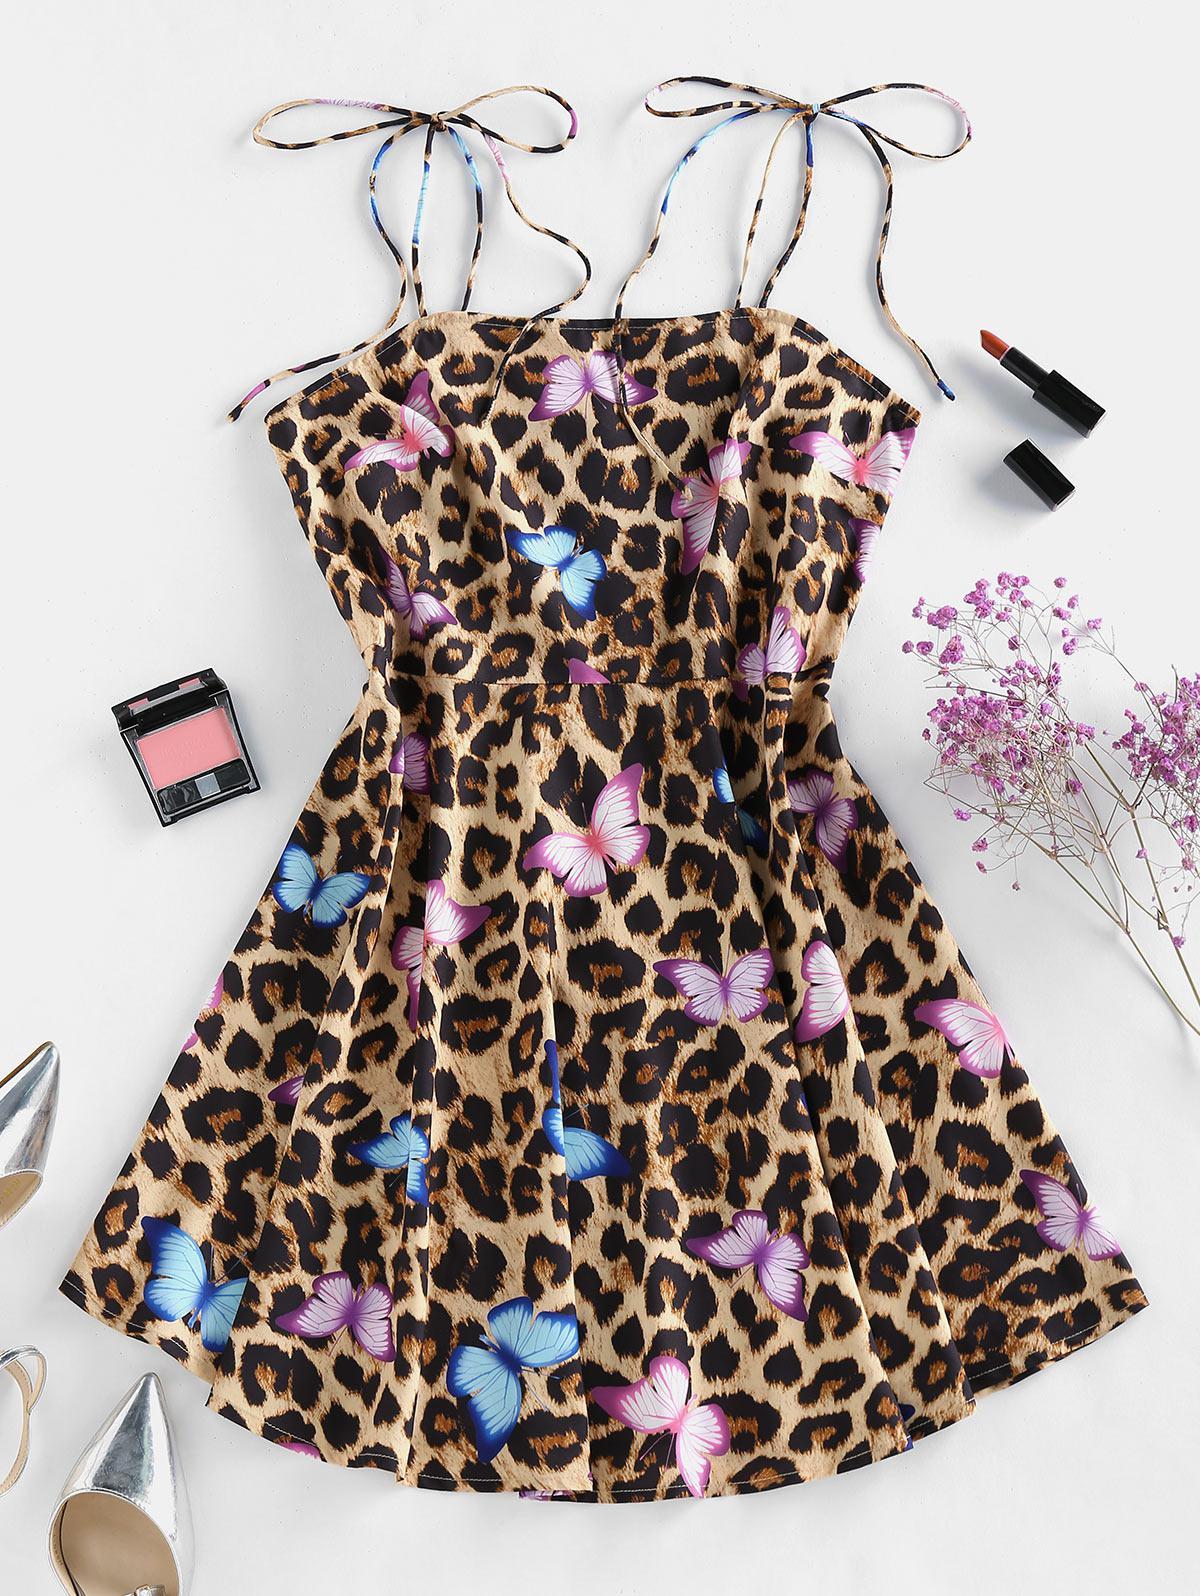 ZAFUL Leopard Butterfly Print Tie Shoulder Backless Dress